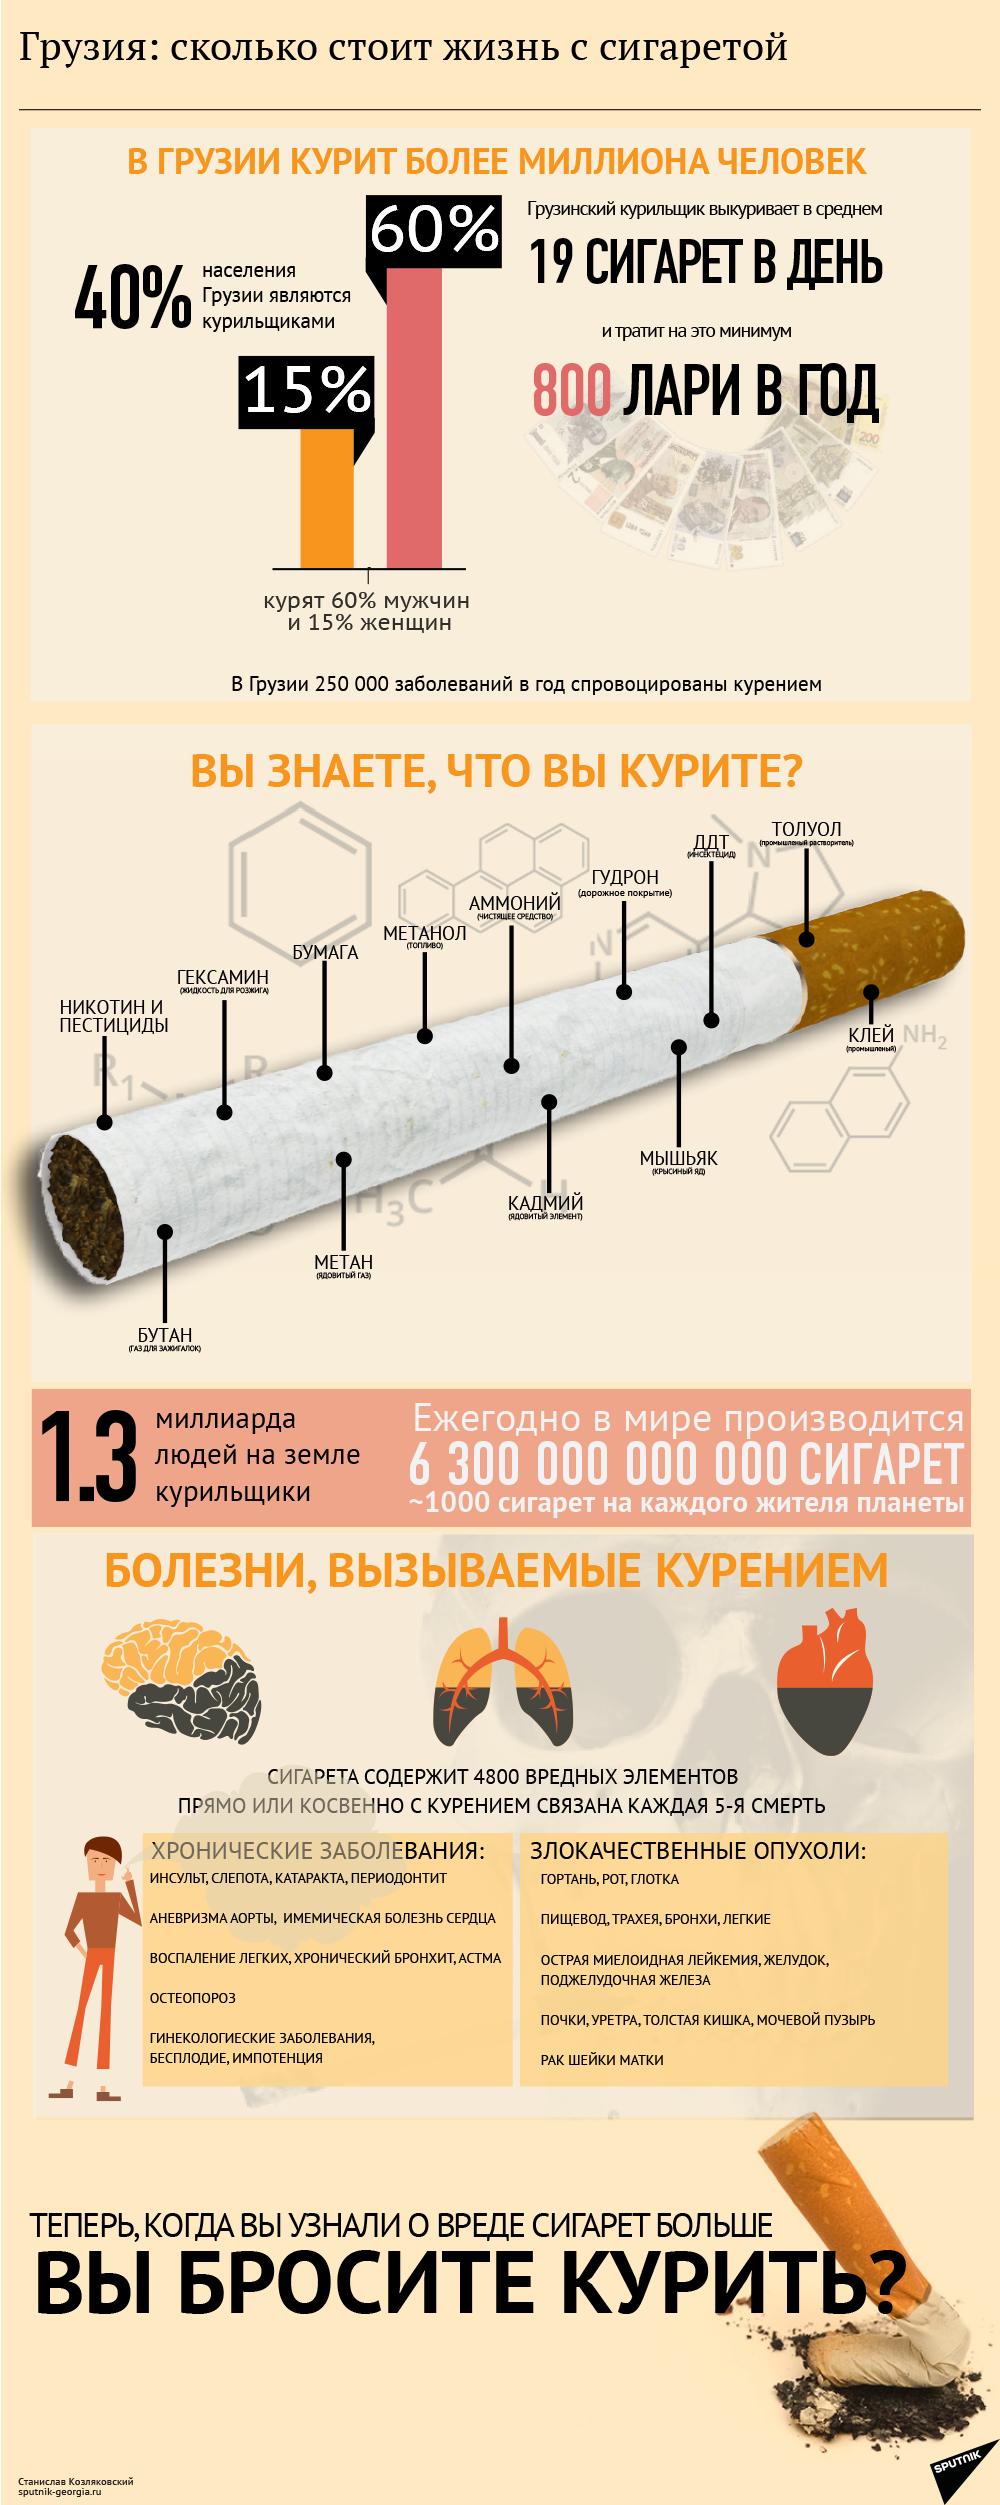 Сколько стоит жизнь с сигаретой